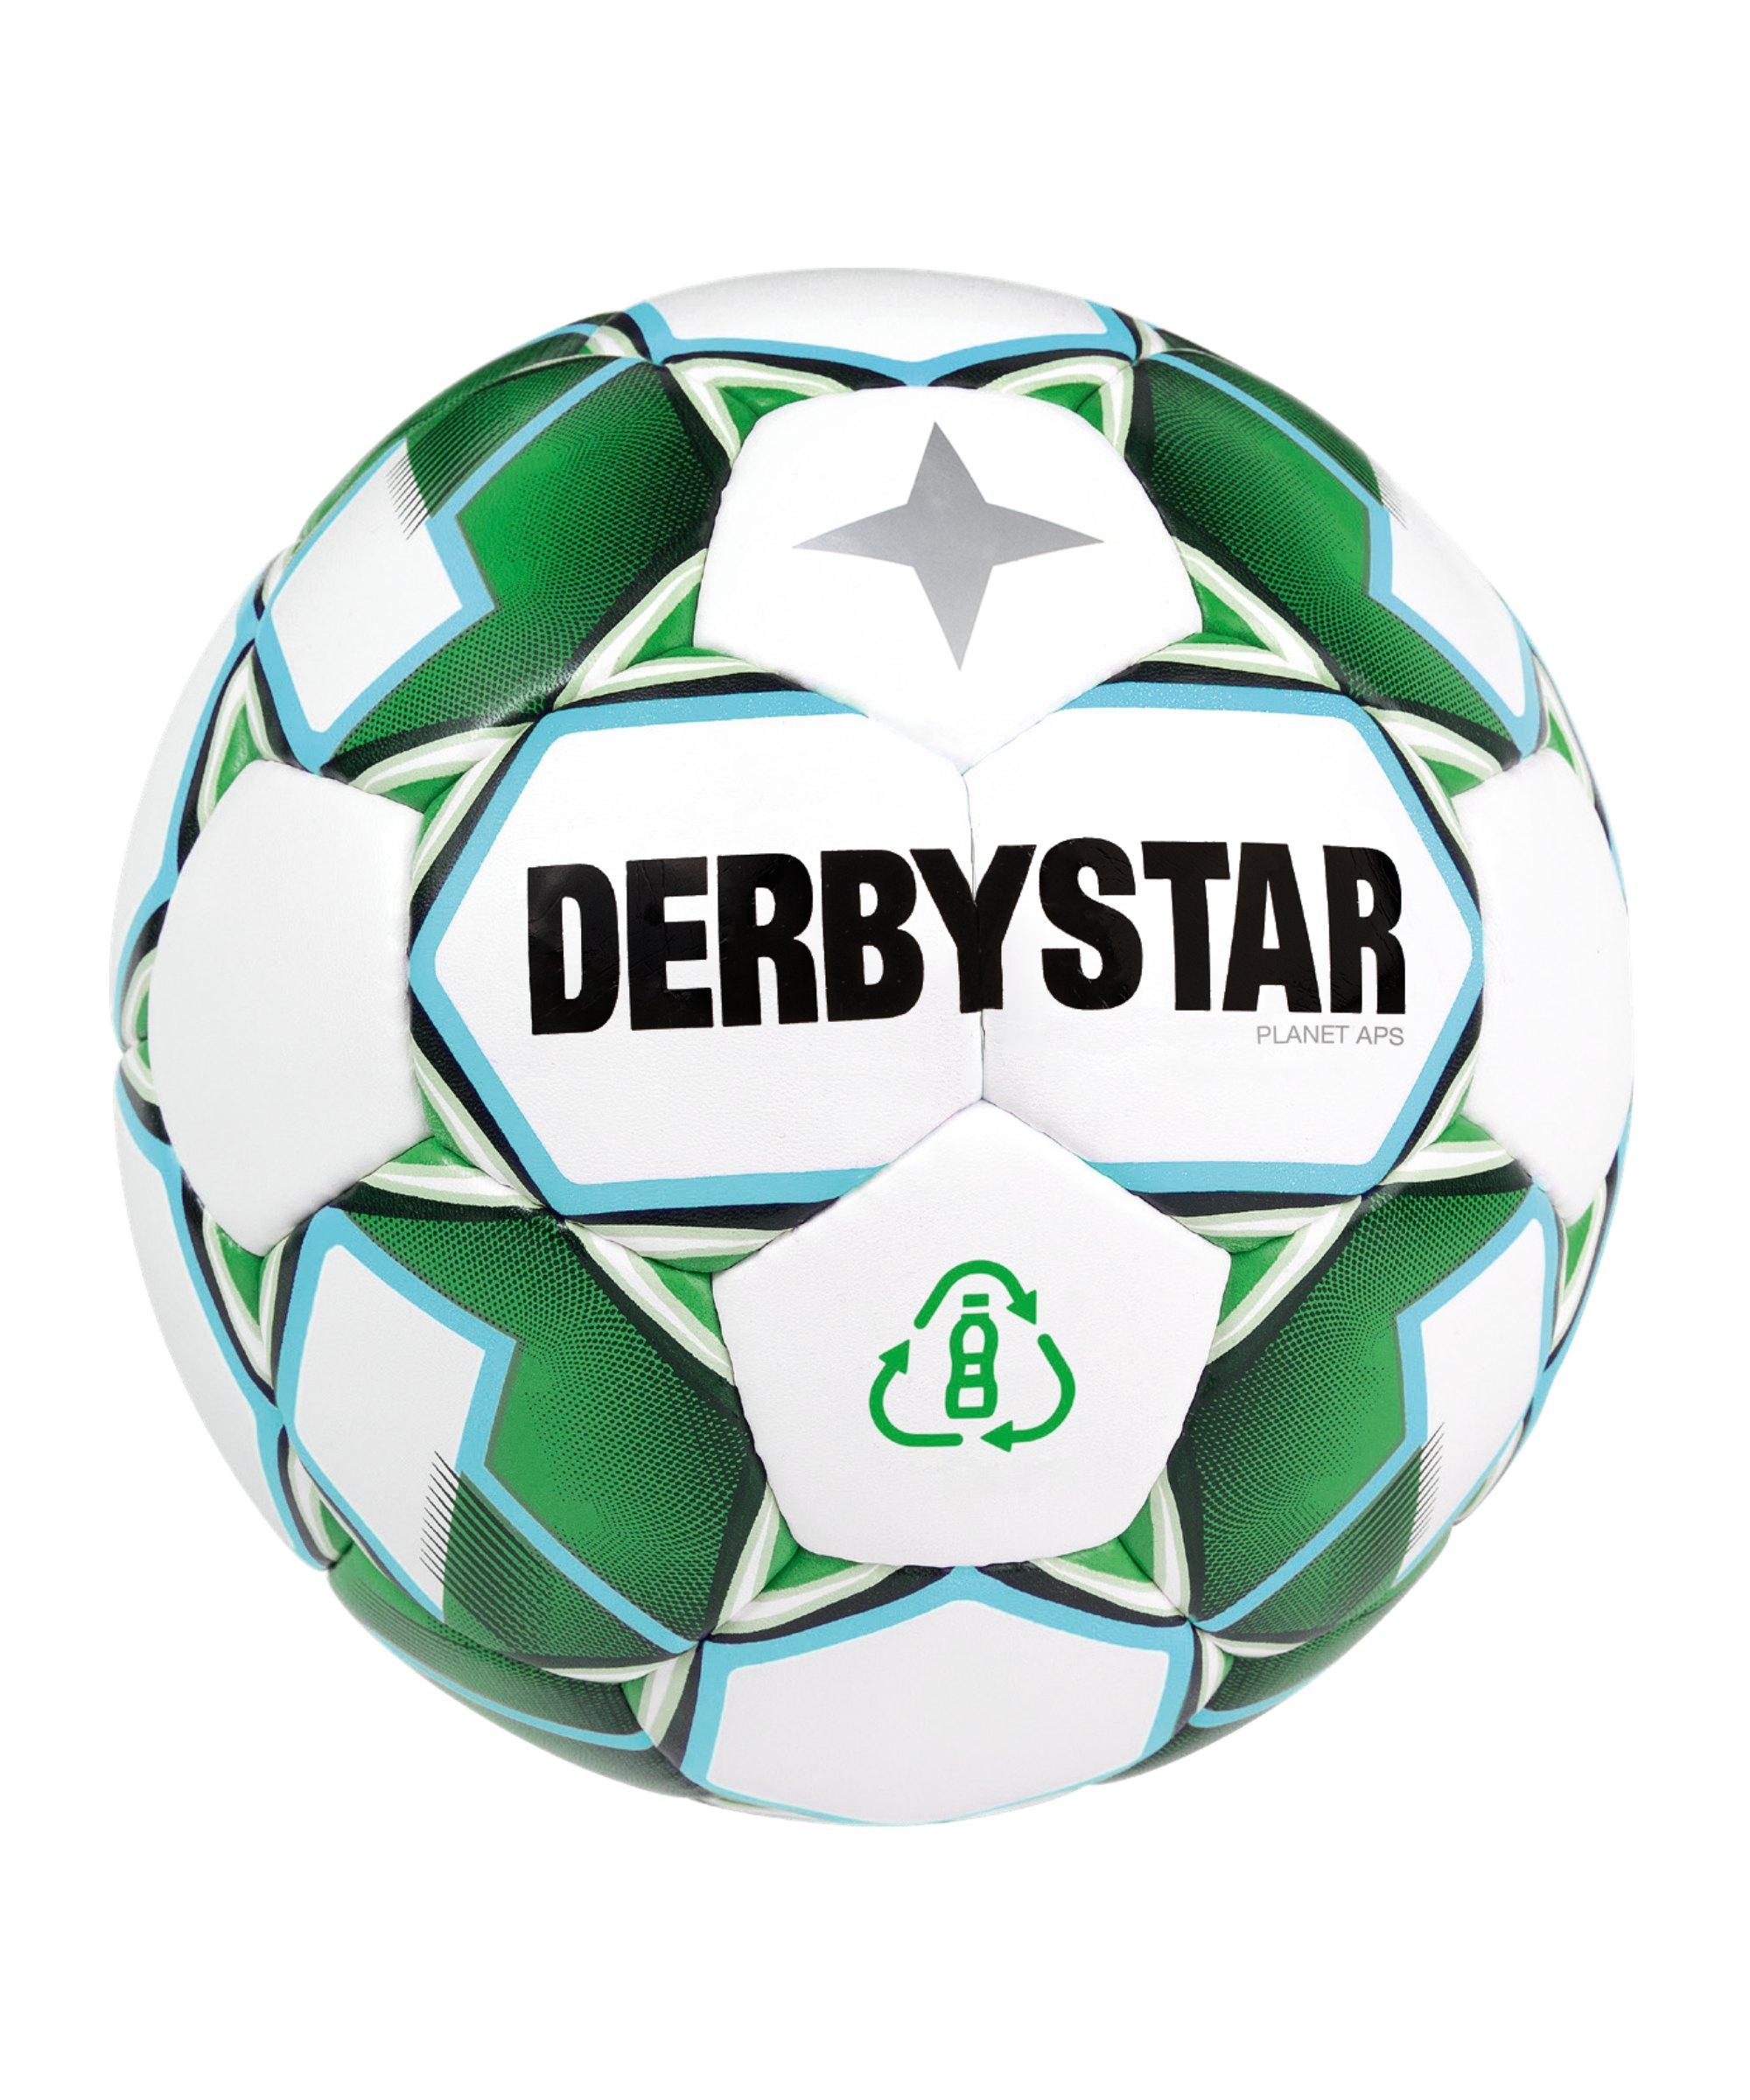 Derbystar Planet APS v21 Spielball Weiss Grün F24 - weiss